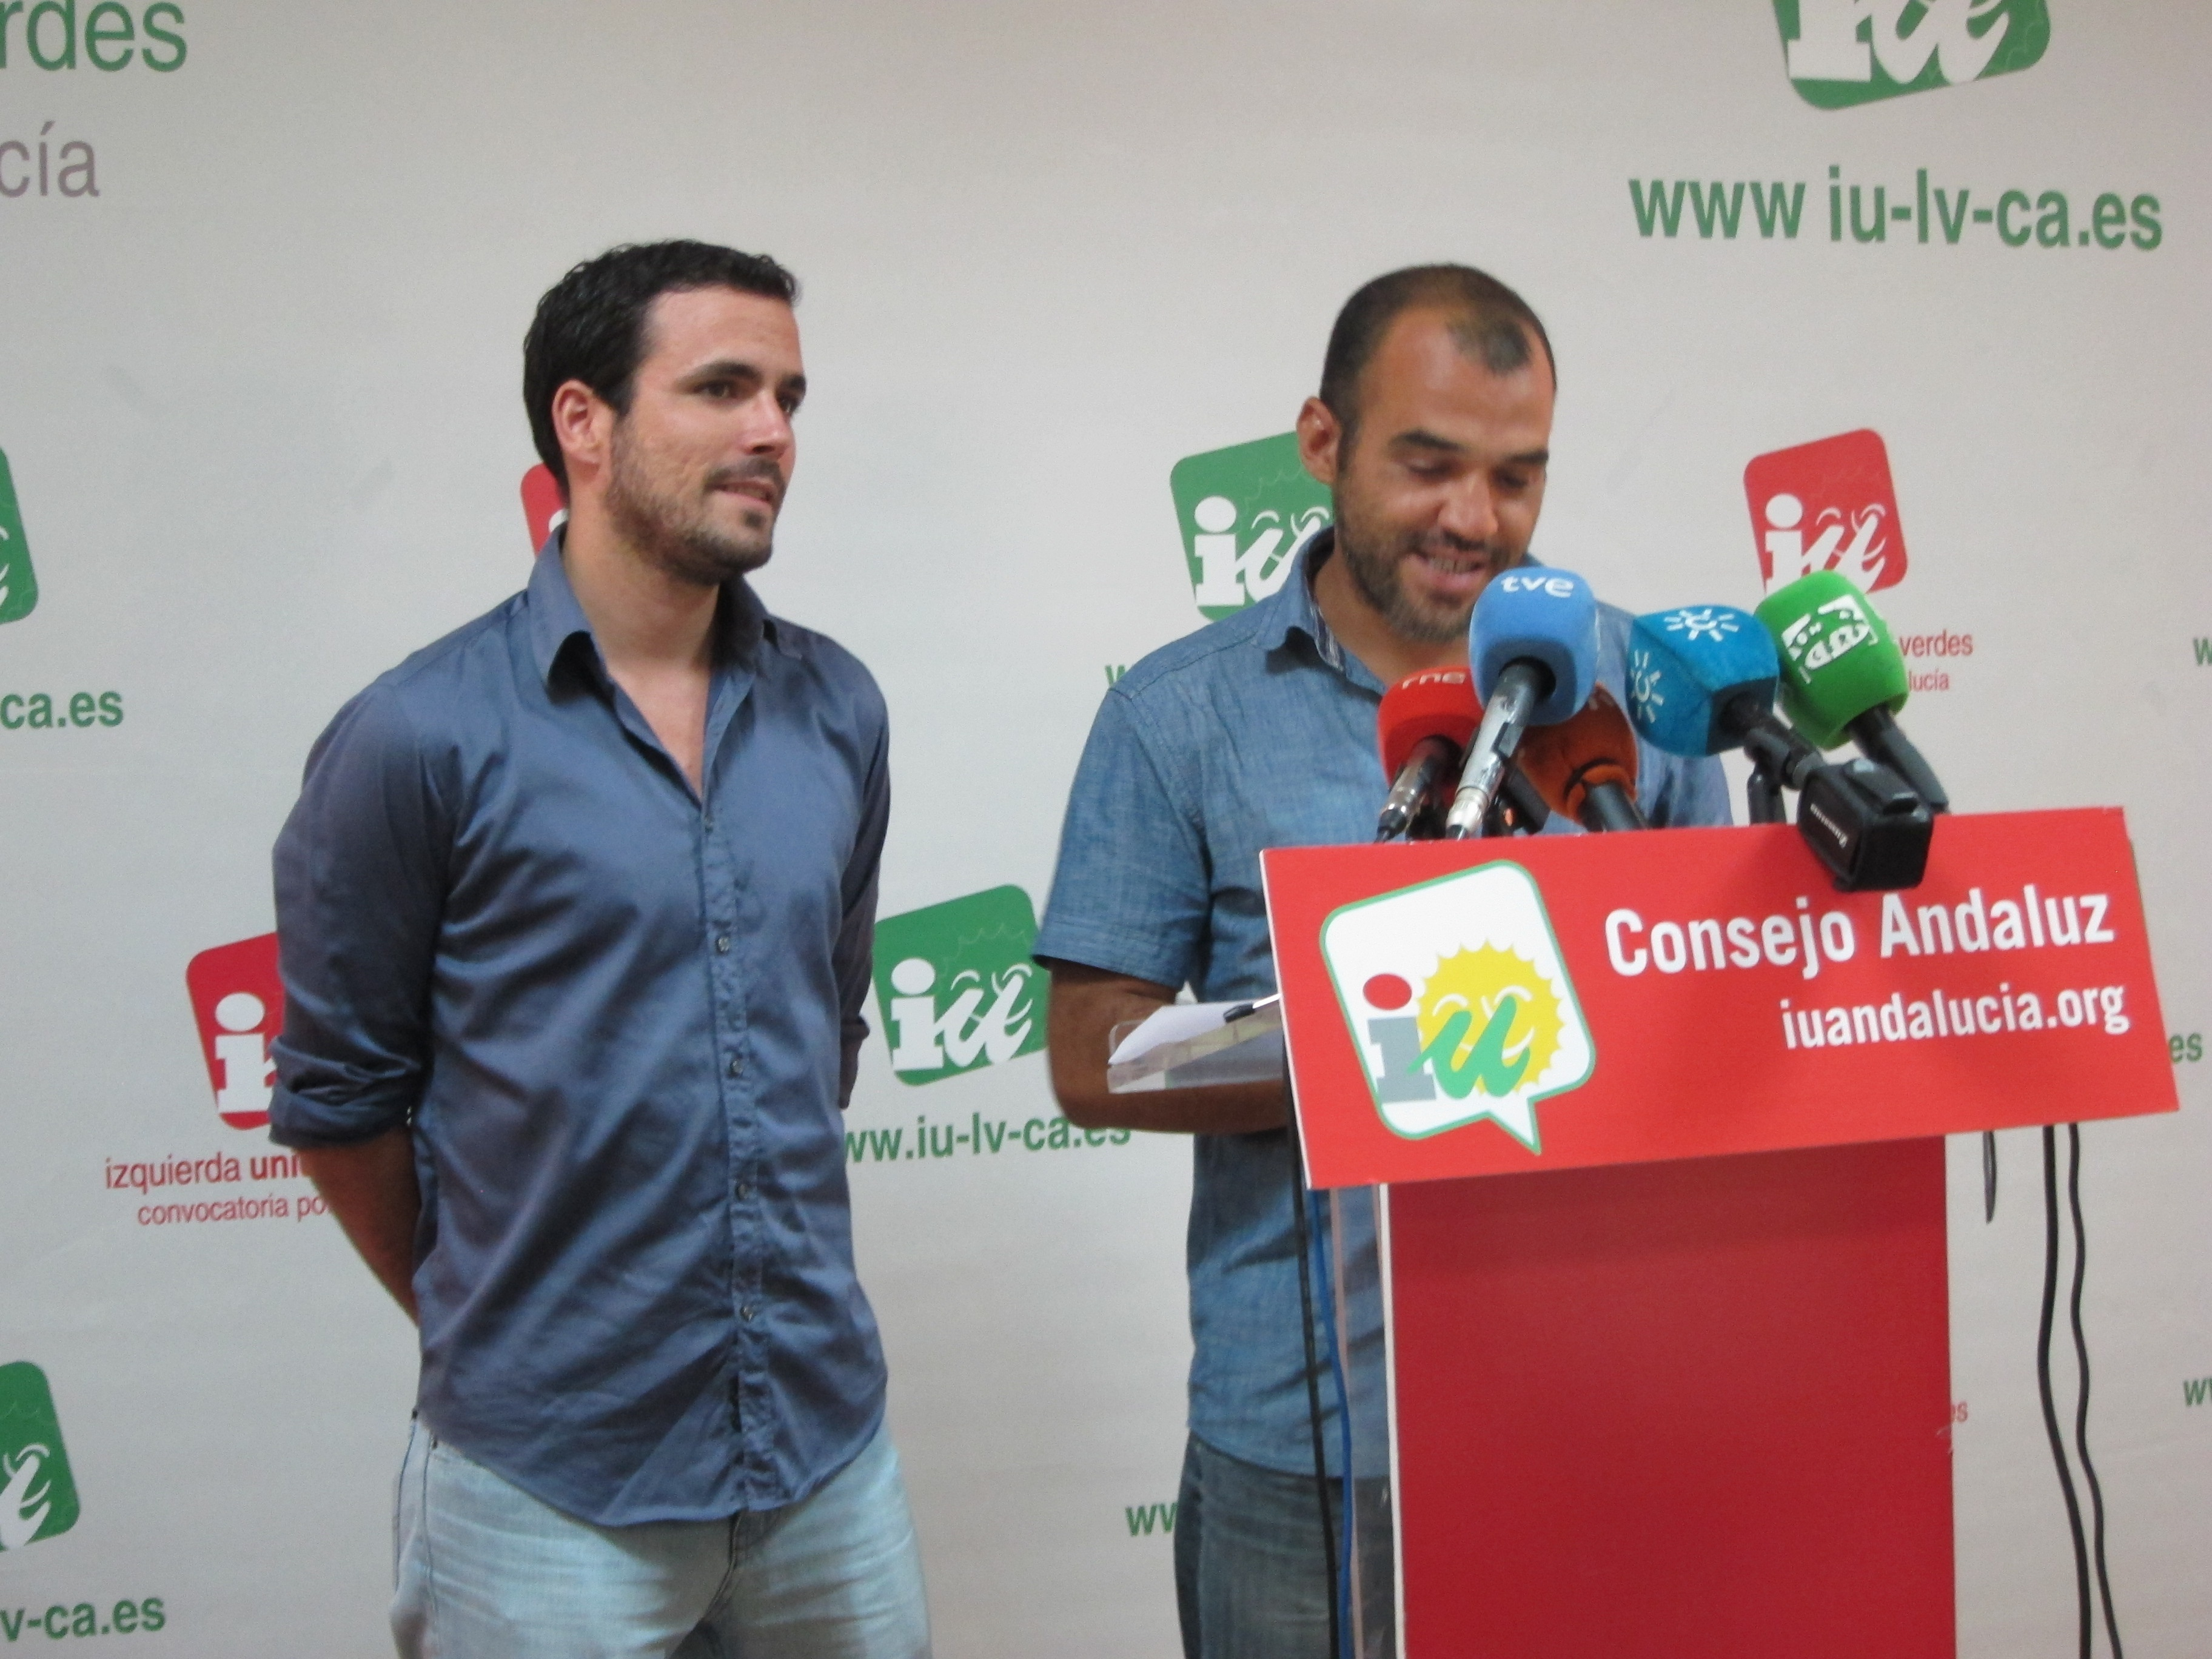 IULV-CA pide «acelerar» el trabajo legislativo una vez «sacado del Gobierno andaluz el asunto de los ERE»